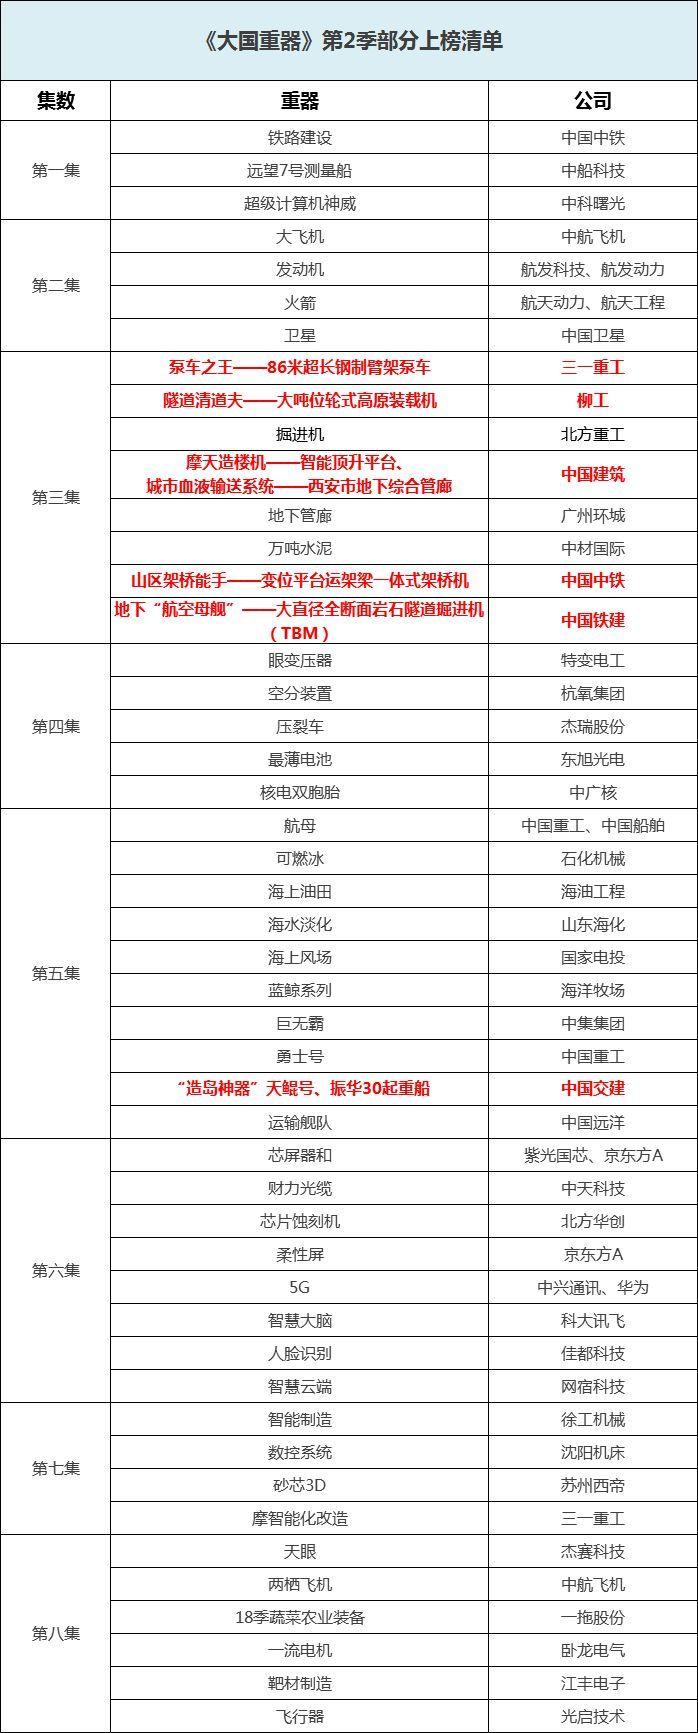 中国建筑、中国中铁、中国铁建、中国交建、三一重工、柳工...